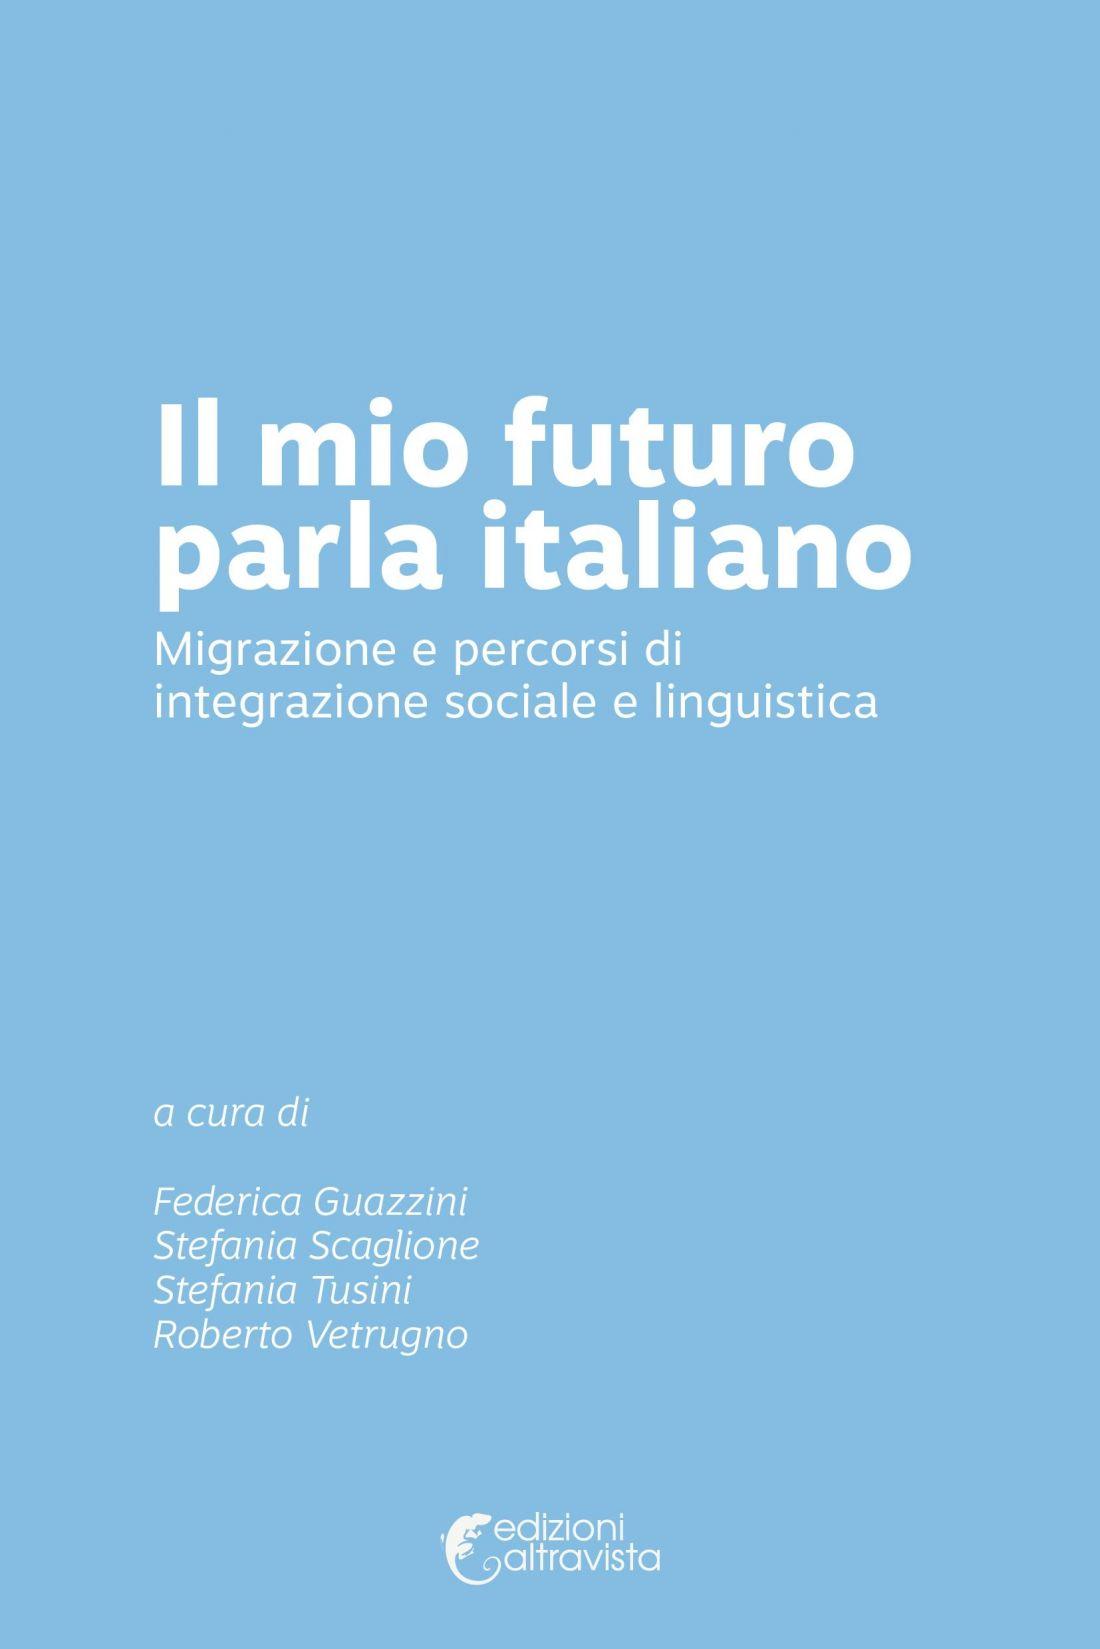 Il mio futuro parla italiano - eBook